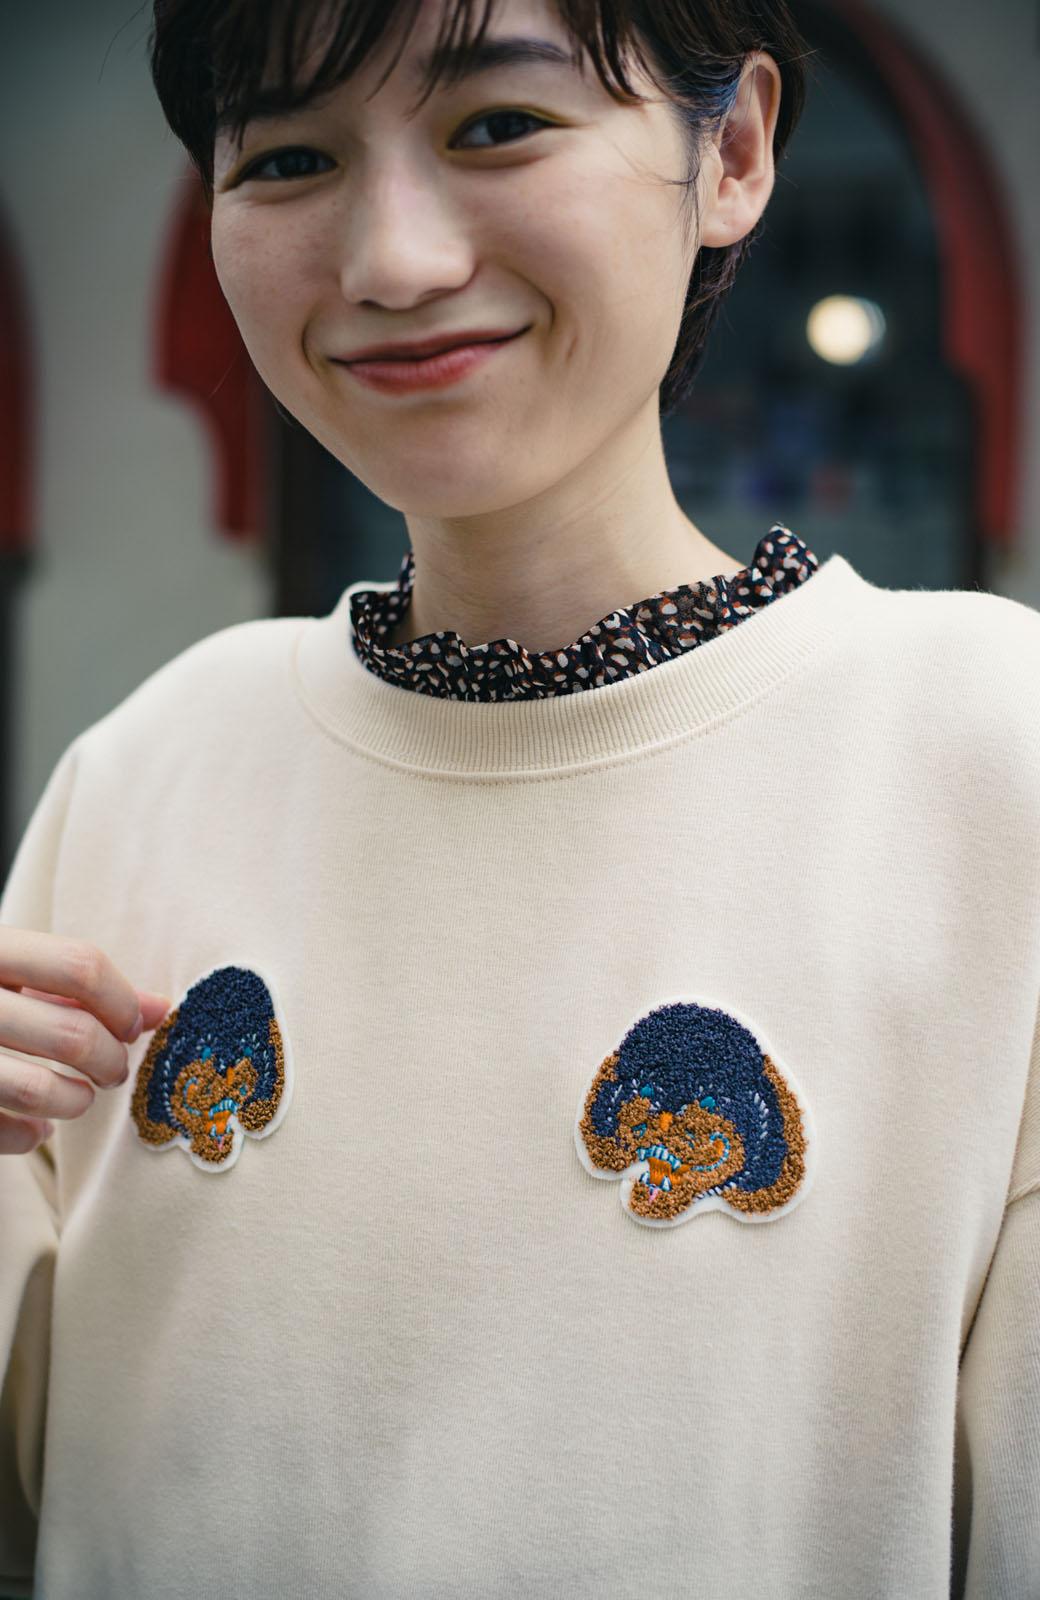 haco! haco! × RBTXCO何色がお好き?プードルちゃんのぷくぷく刺繍ワッペン付きスウェットプルオーバー <オフホワイト>の商品写真6